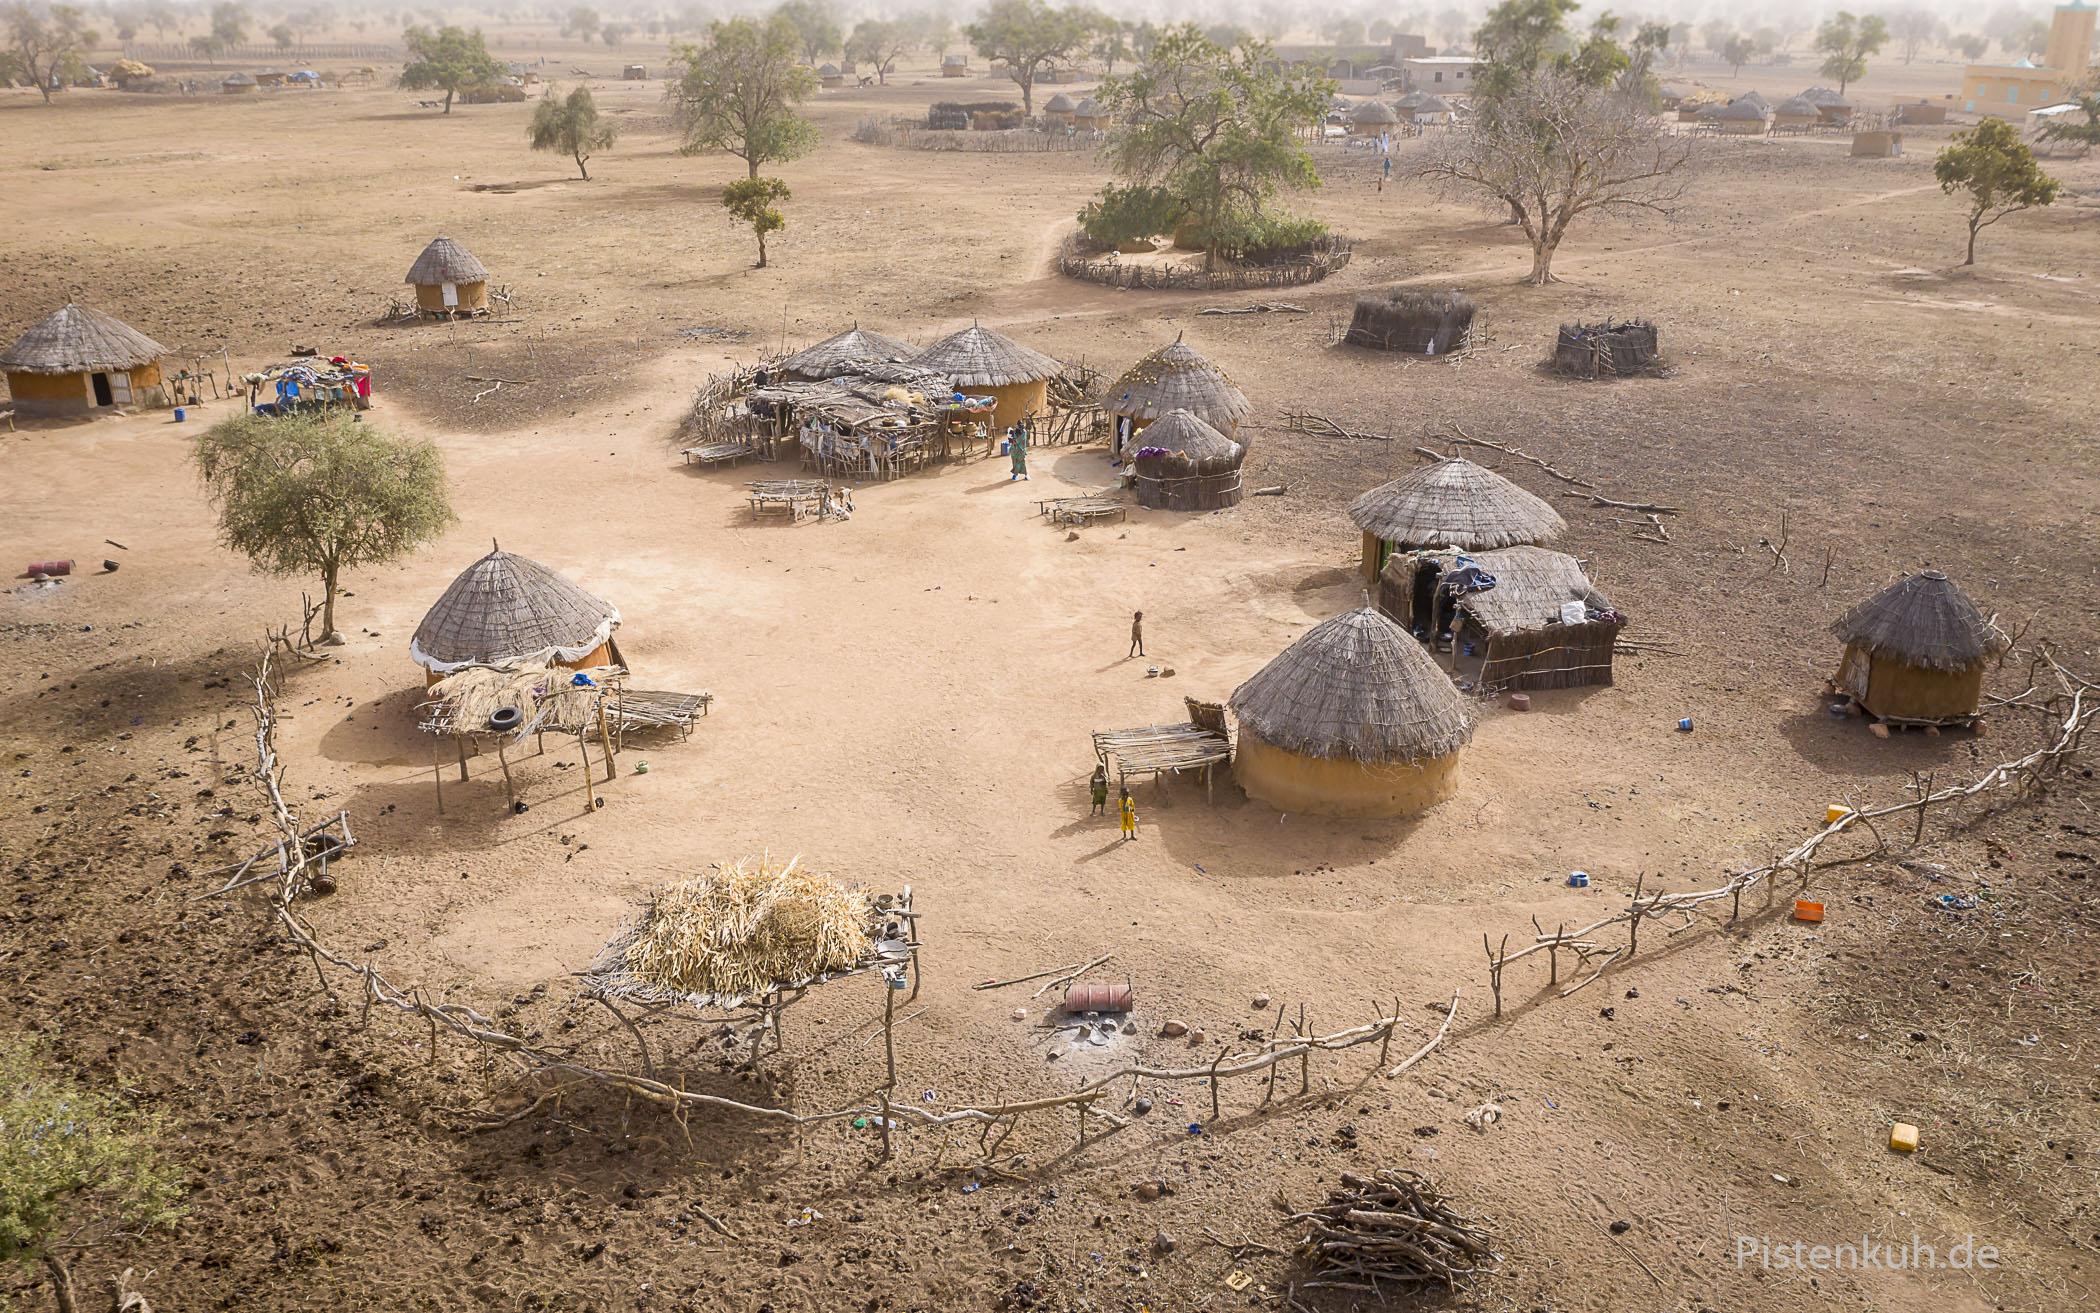 Dorf in Mali